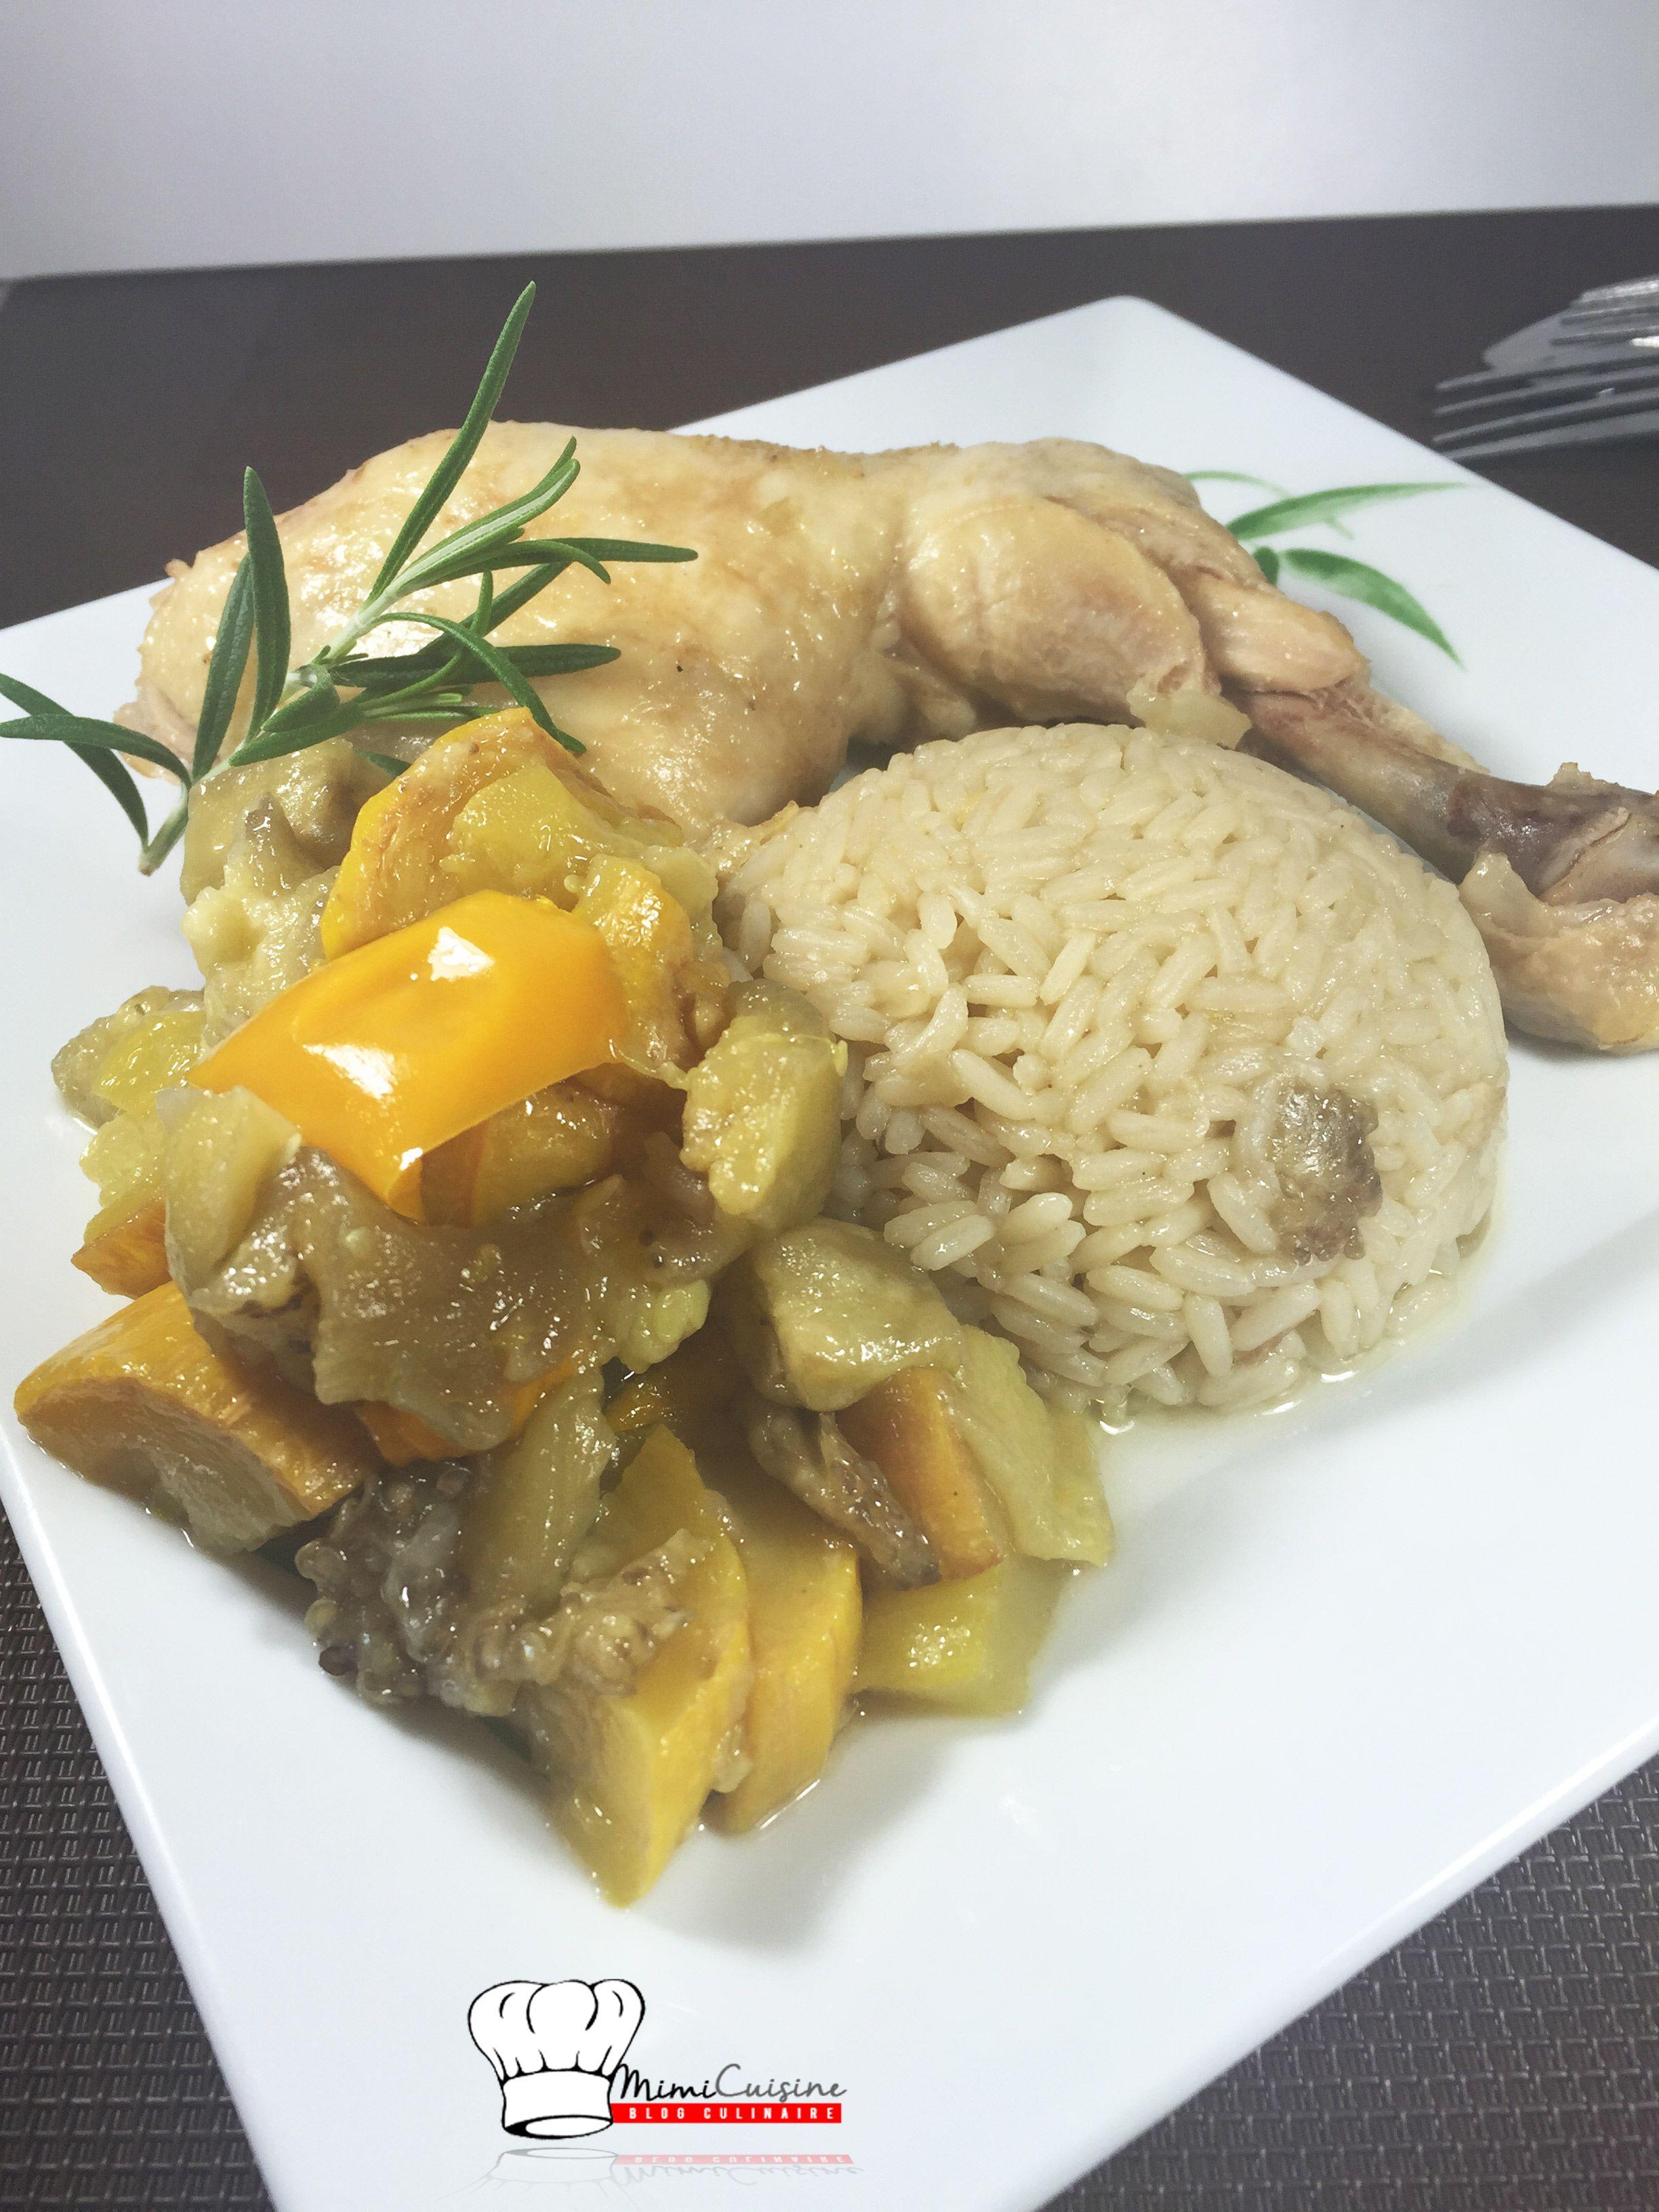 Tiebou Poulet Recette Cookeo Recipe Cuisine Africaine